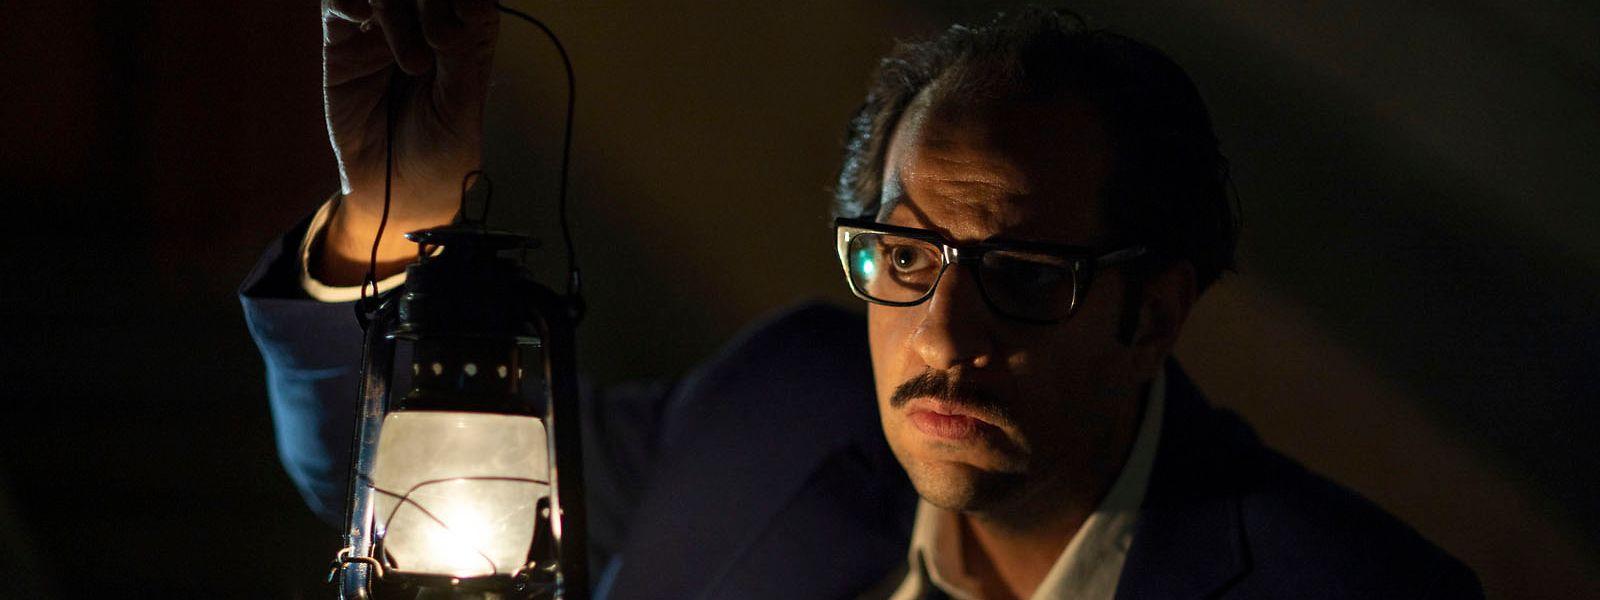 Der charmante Anti-Held dieser Serie ist der zynische Wissenschaftler Dr. Refaat Ismail, gespielt von Ahmed Amin, der als Mann der Ratio alles Übernatürliche zu leugnen versucht.